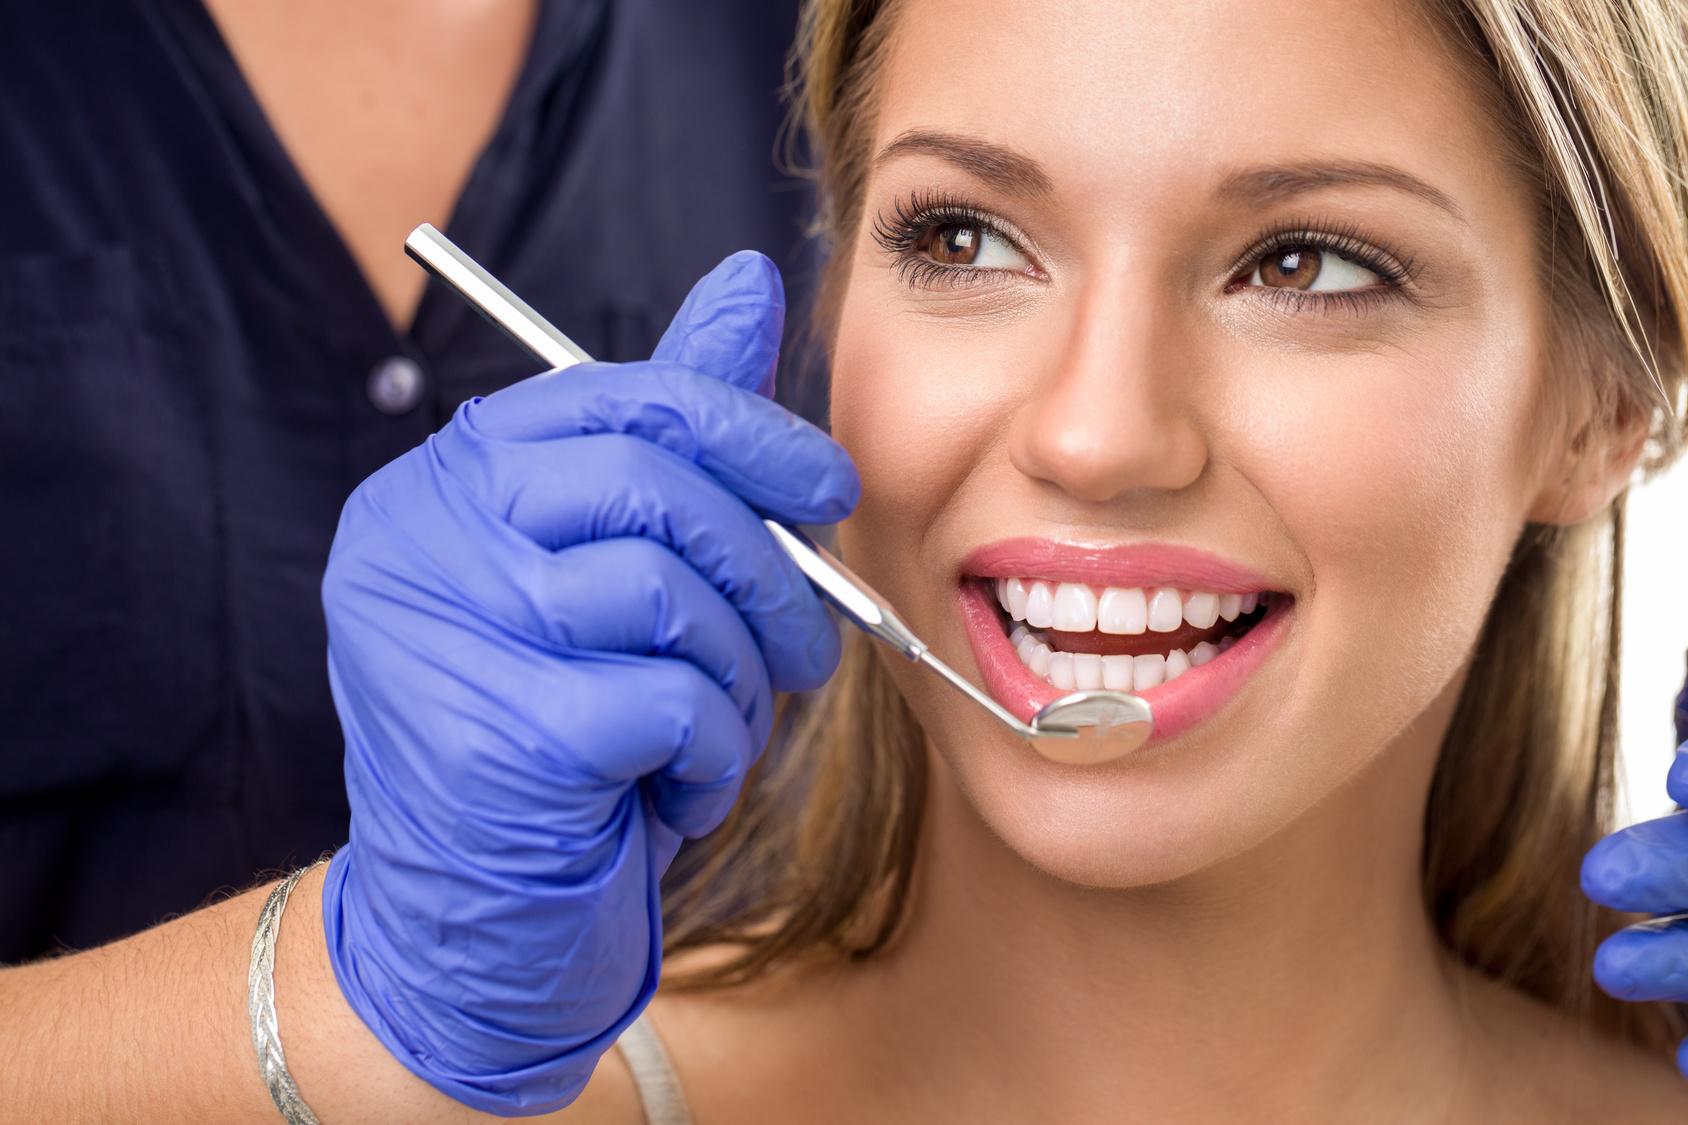 歯を白くする方法、「ホワイトニング」と「ラミネートベニア」ってどう違うの?